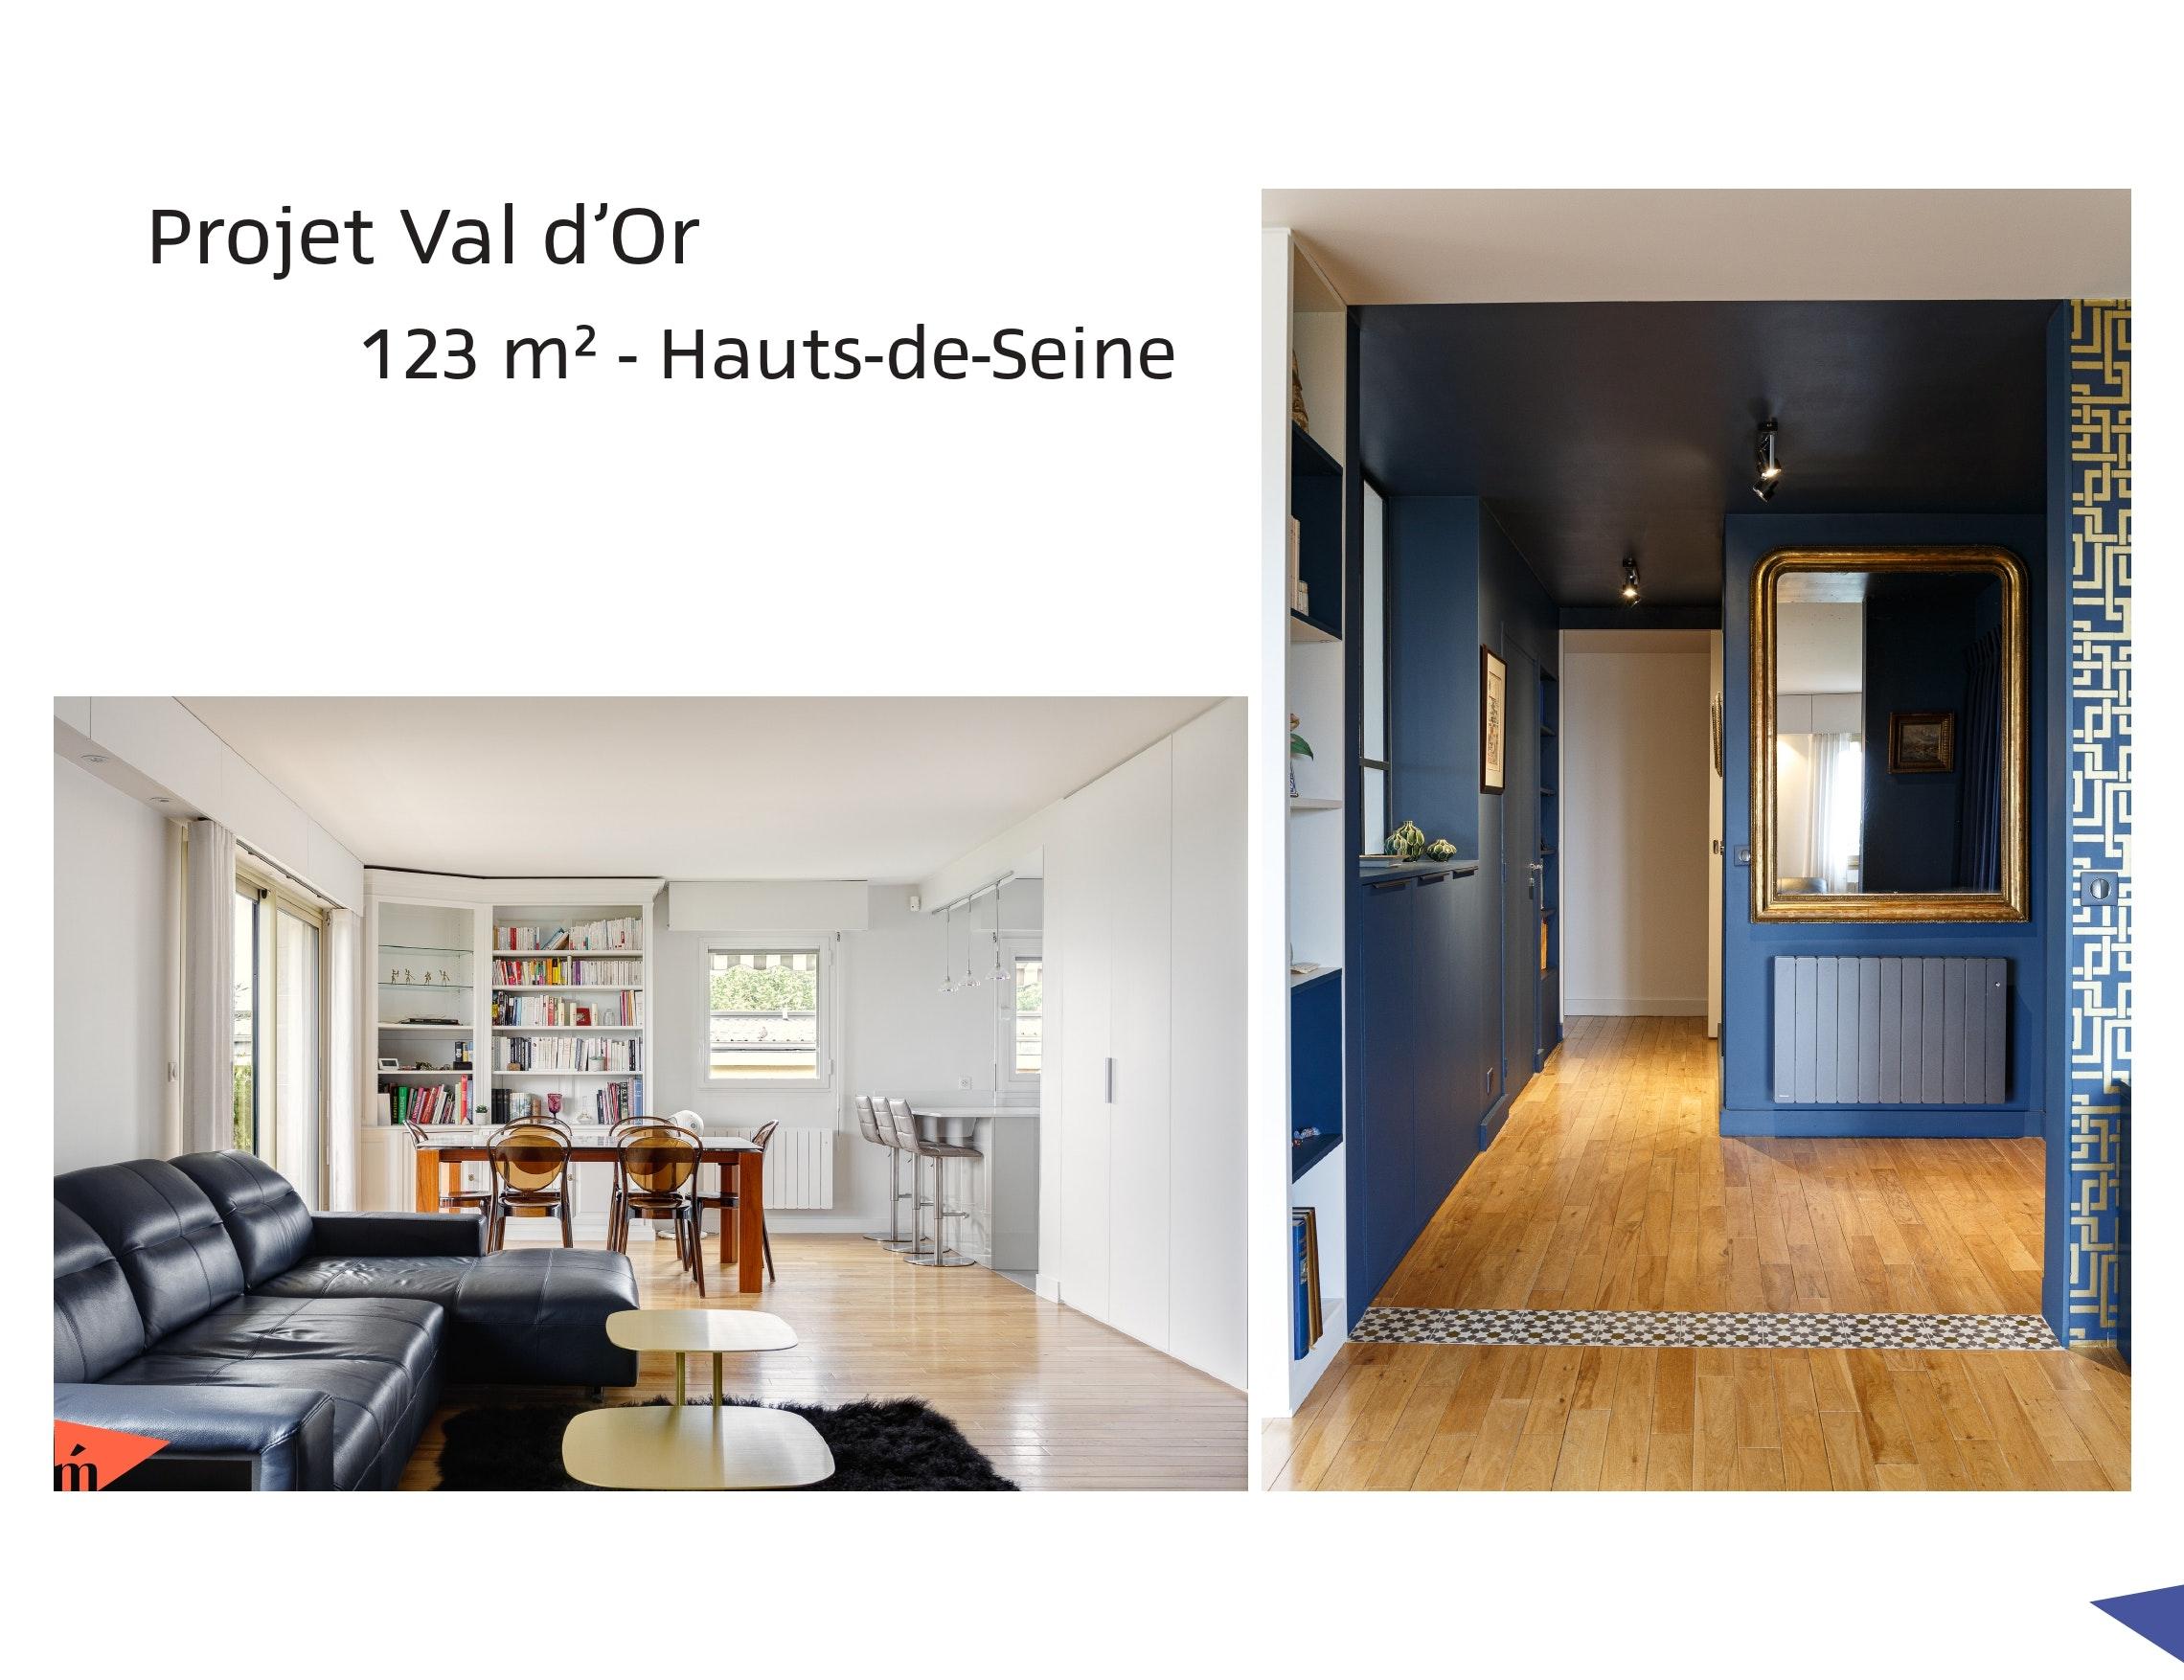 photo Projet Val d'Or - 123m² - Hauts-de-Seine Léa Mast - Architecte hemea